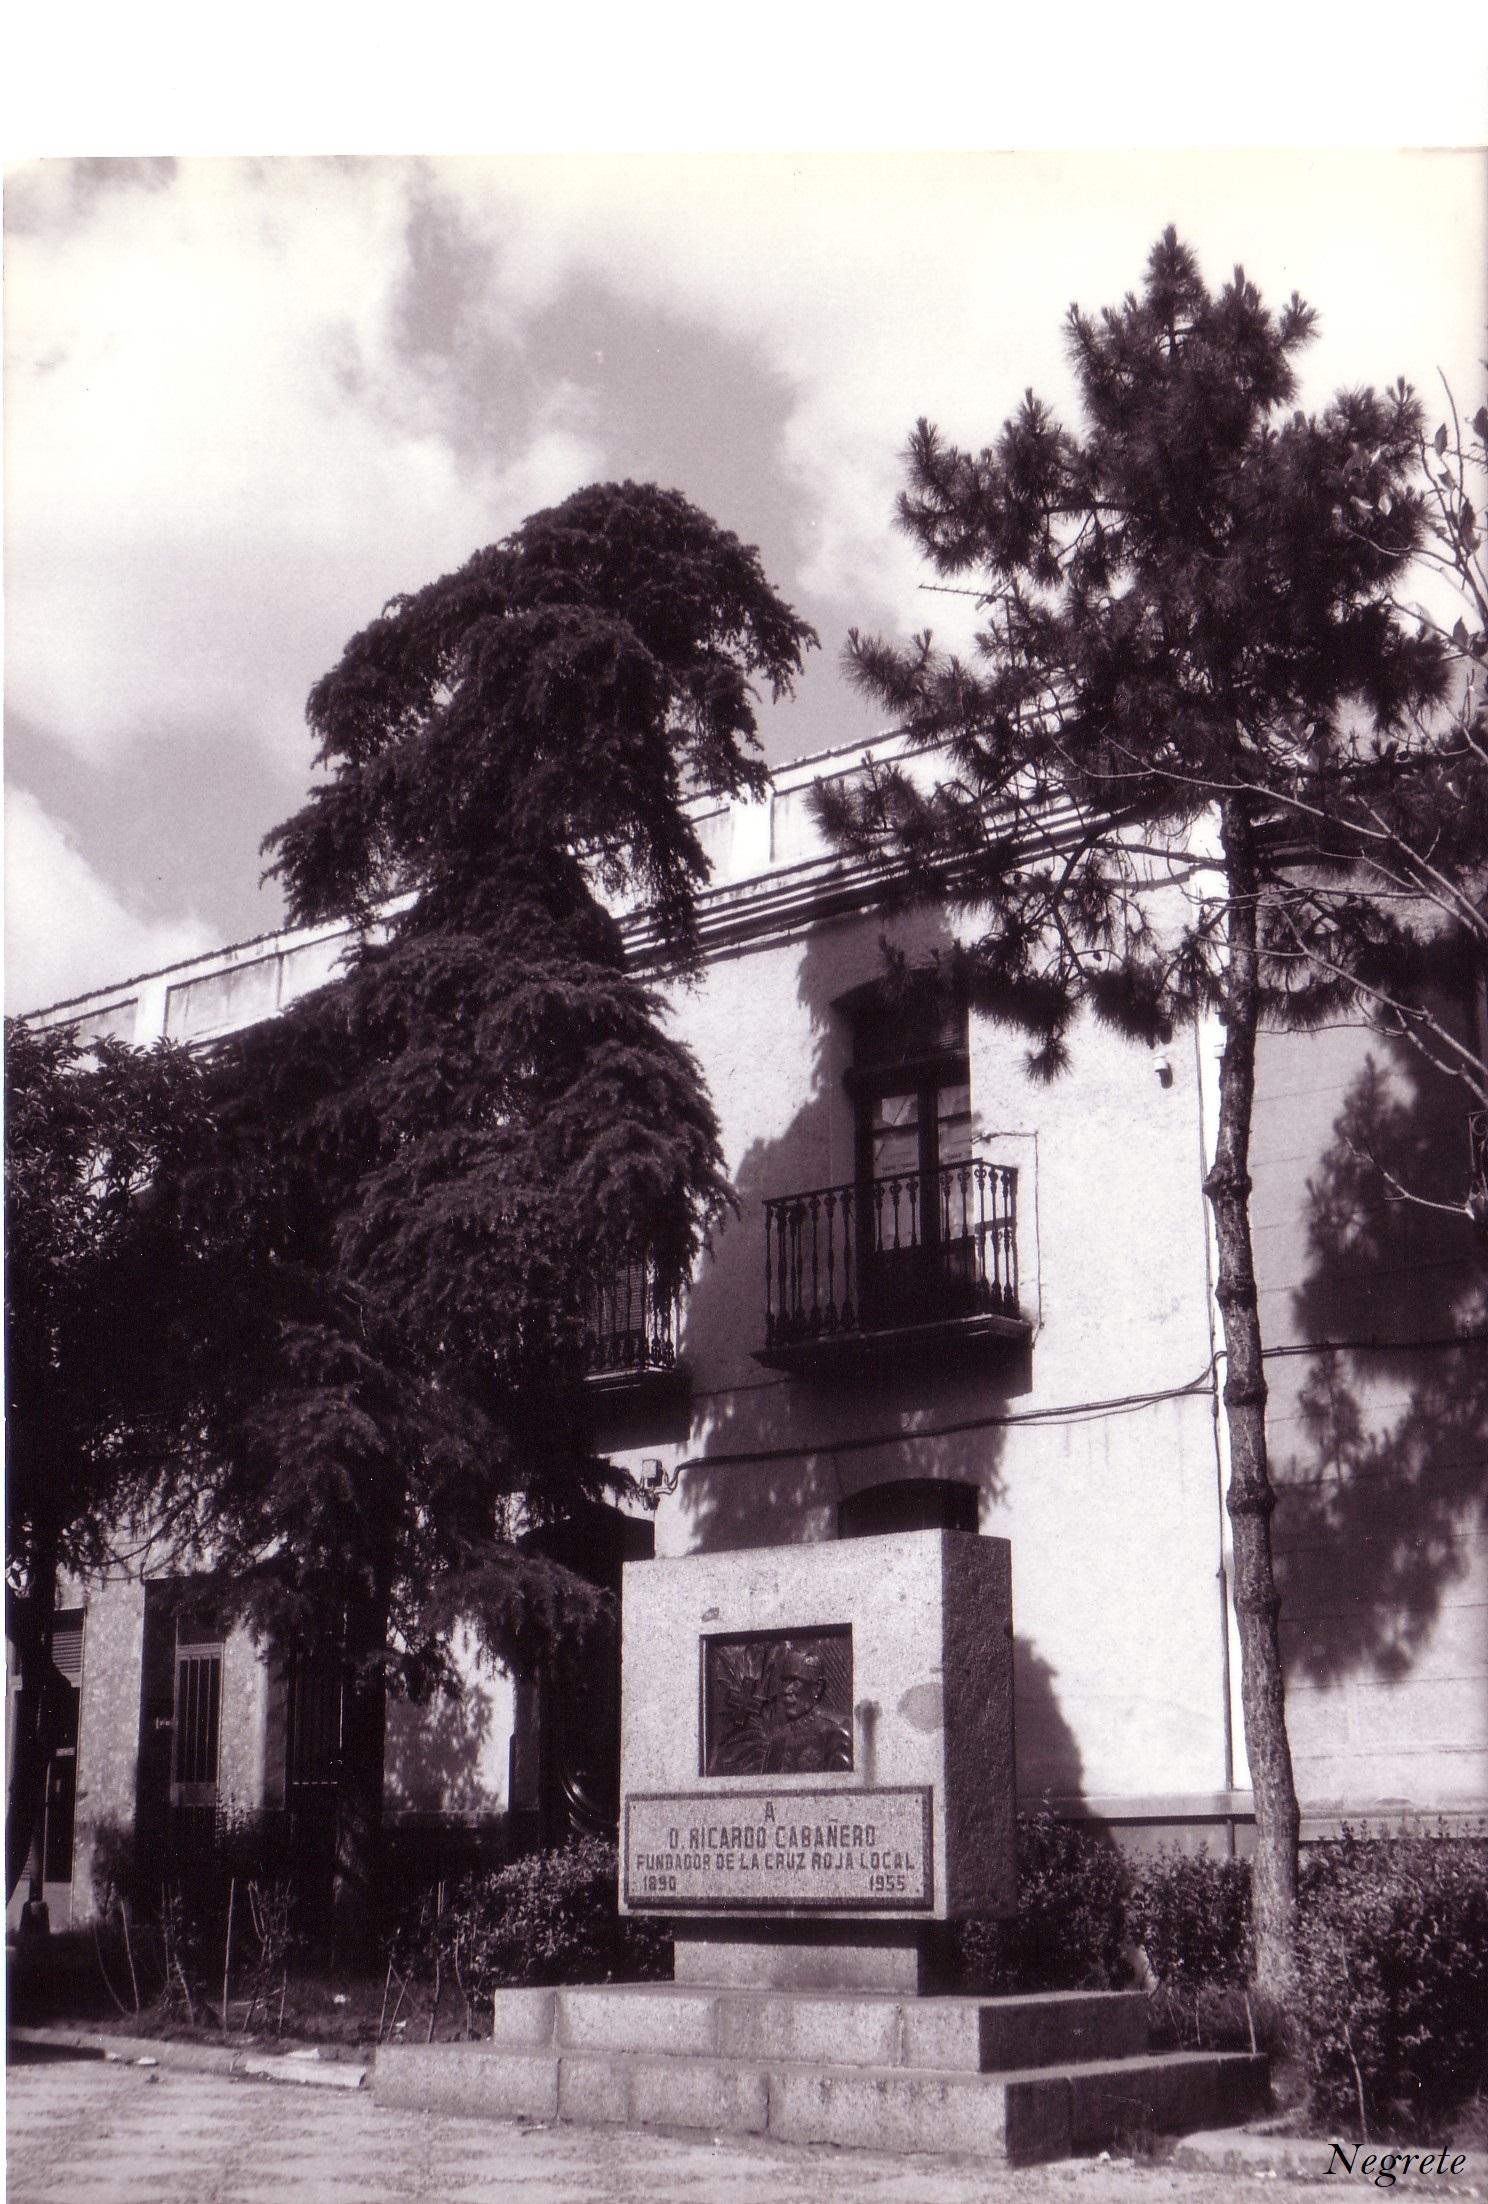 Monumento Ricardo Cabañero fundador de la Cruz Roja local Autor Manuel Santos. Fotografía F. Negrete 1986